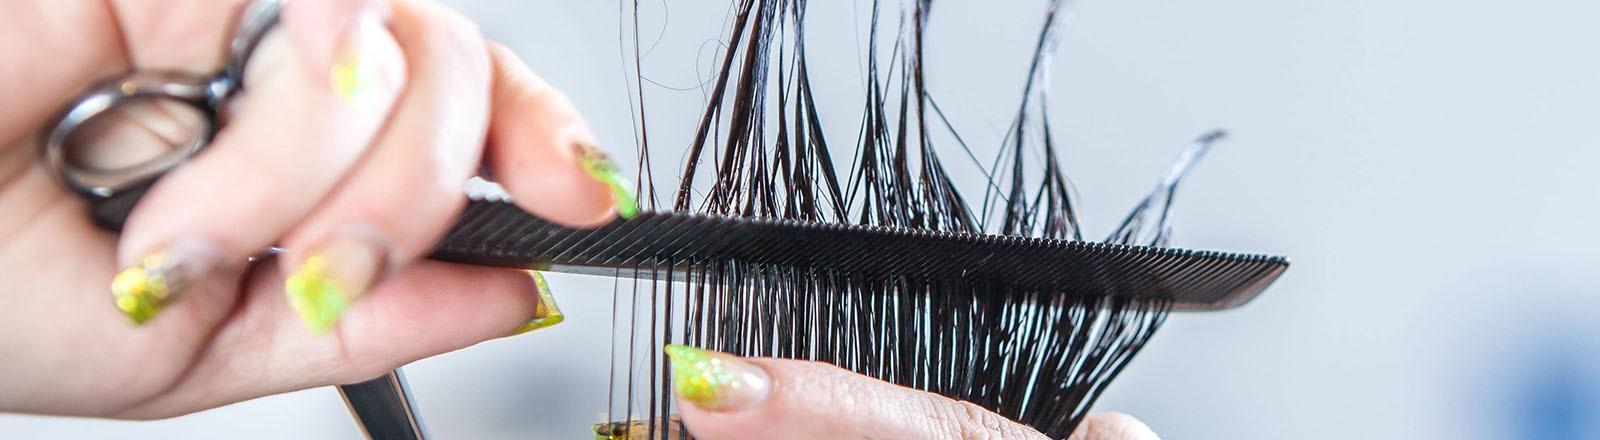 Einer Frau werden von einer Friseurin die Haare geschnitten.